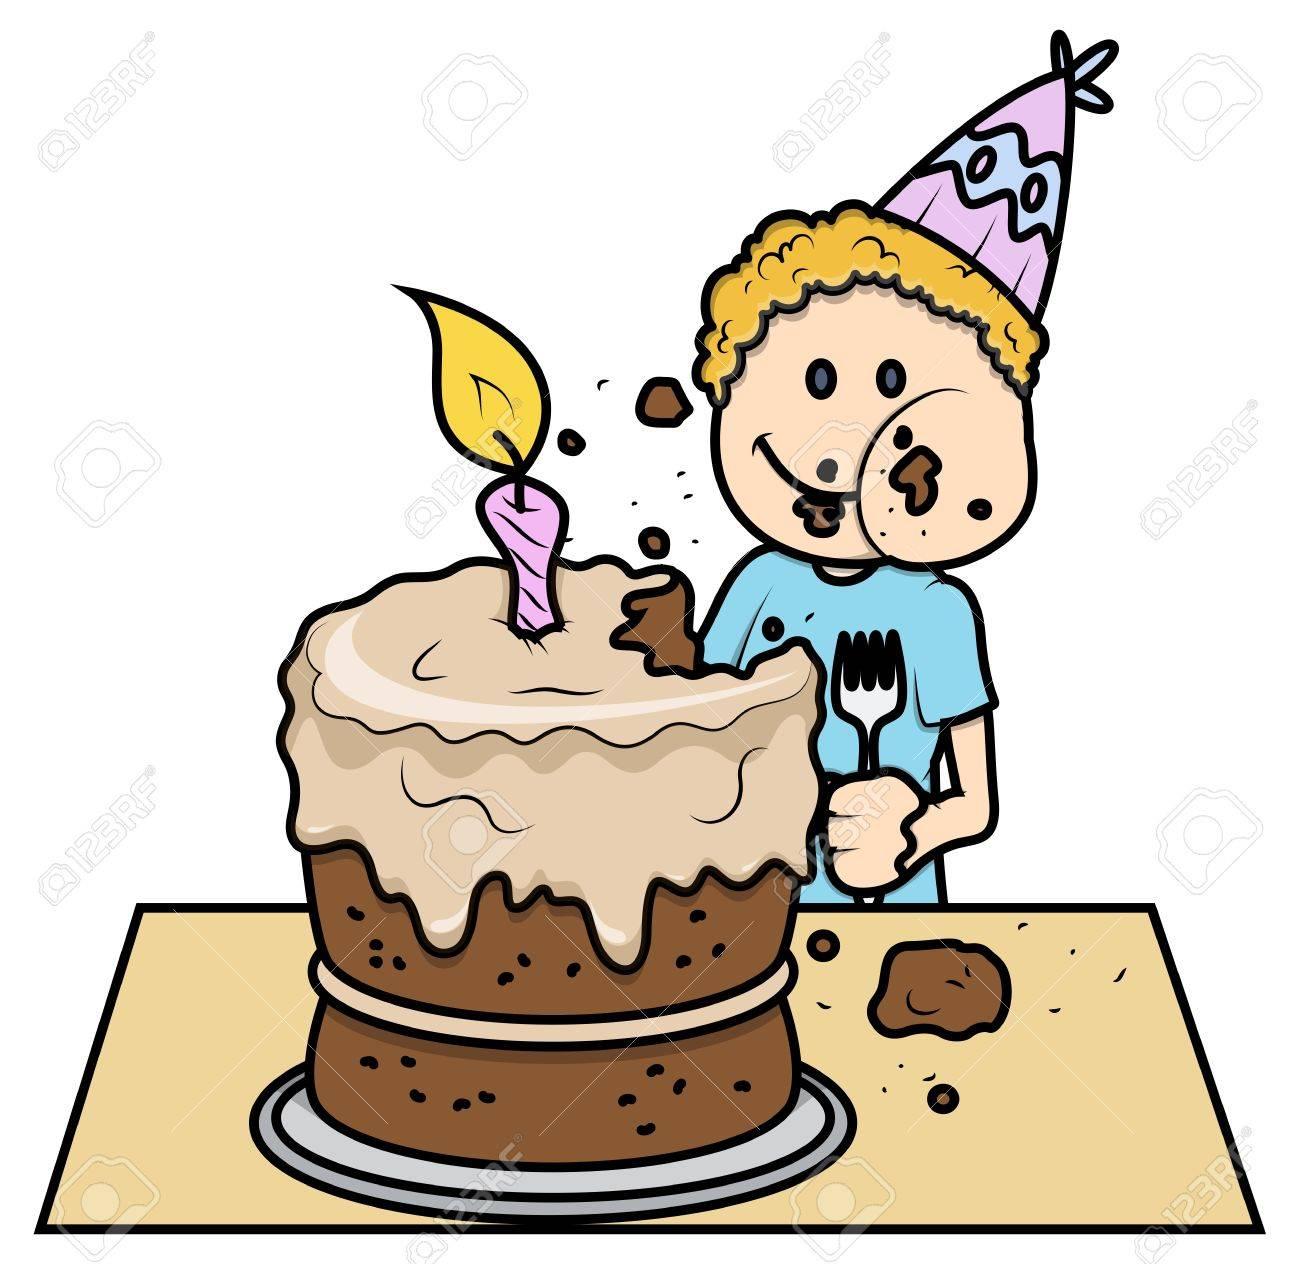 foto de archivo nio lindo comer su pastel de cumpleaos vector ilustracin de la historieta